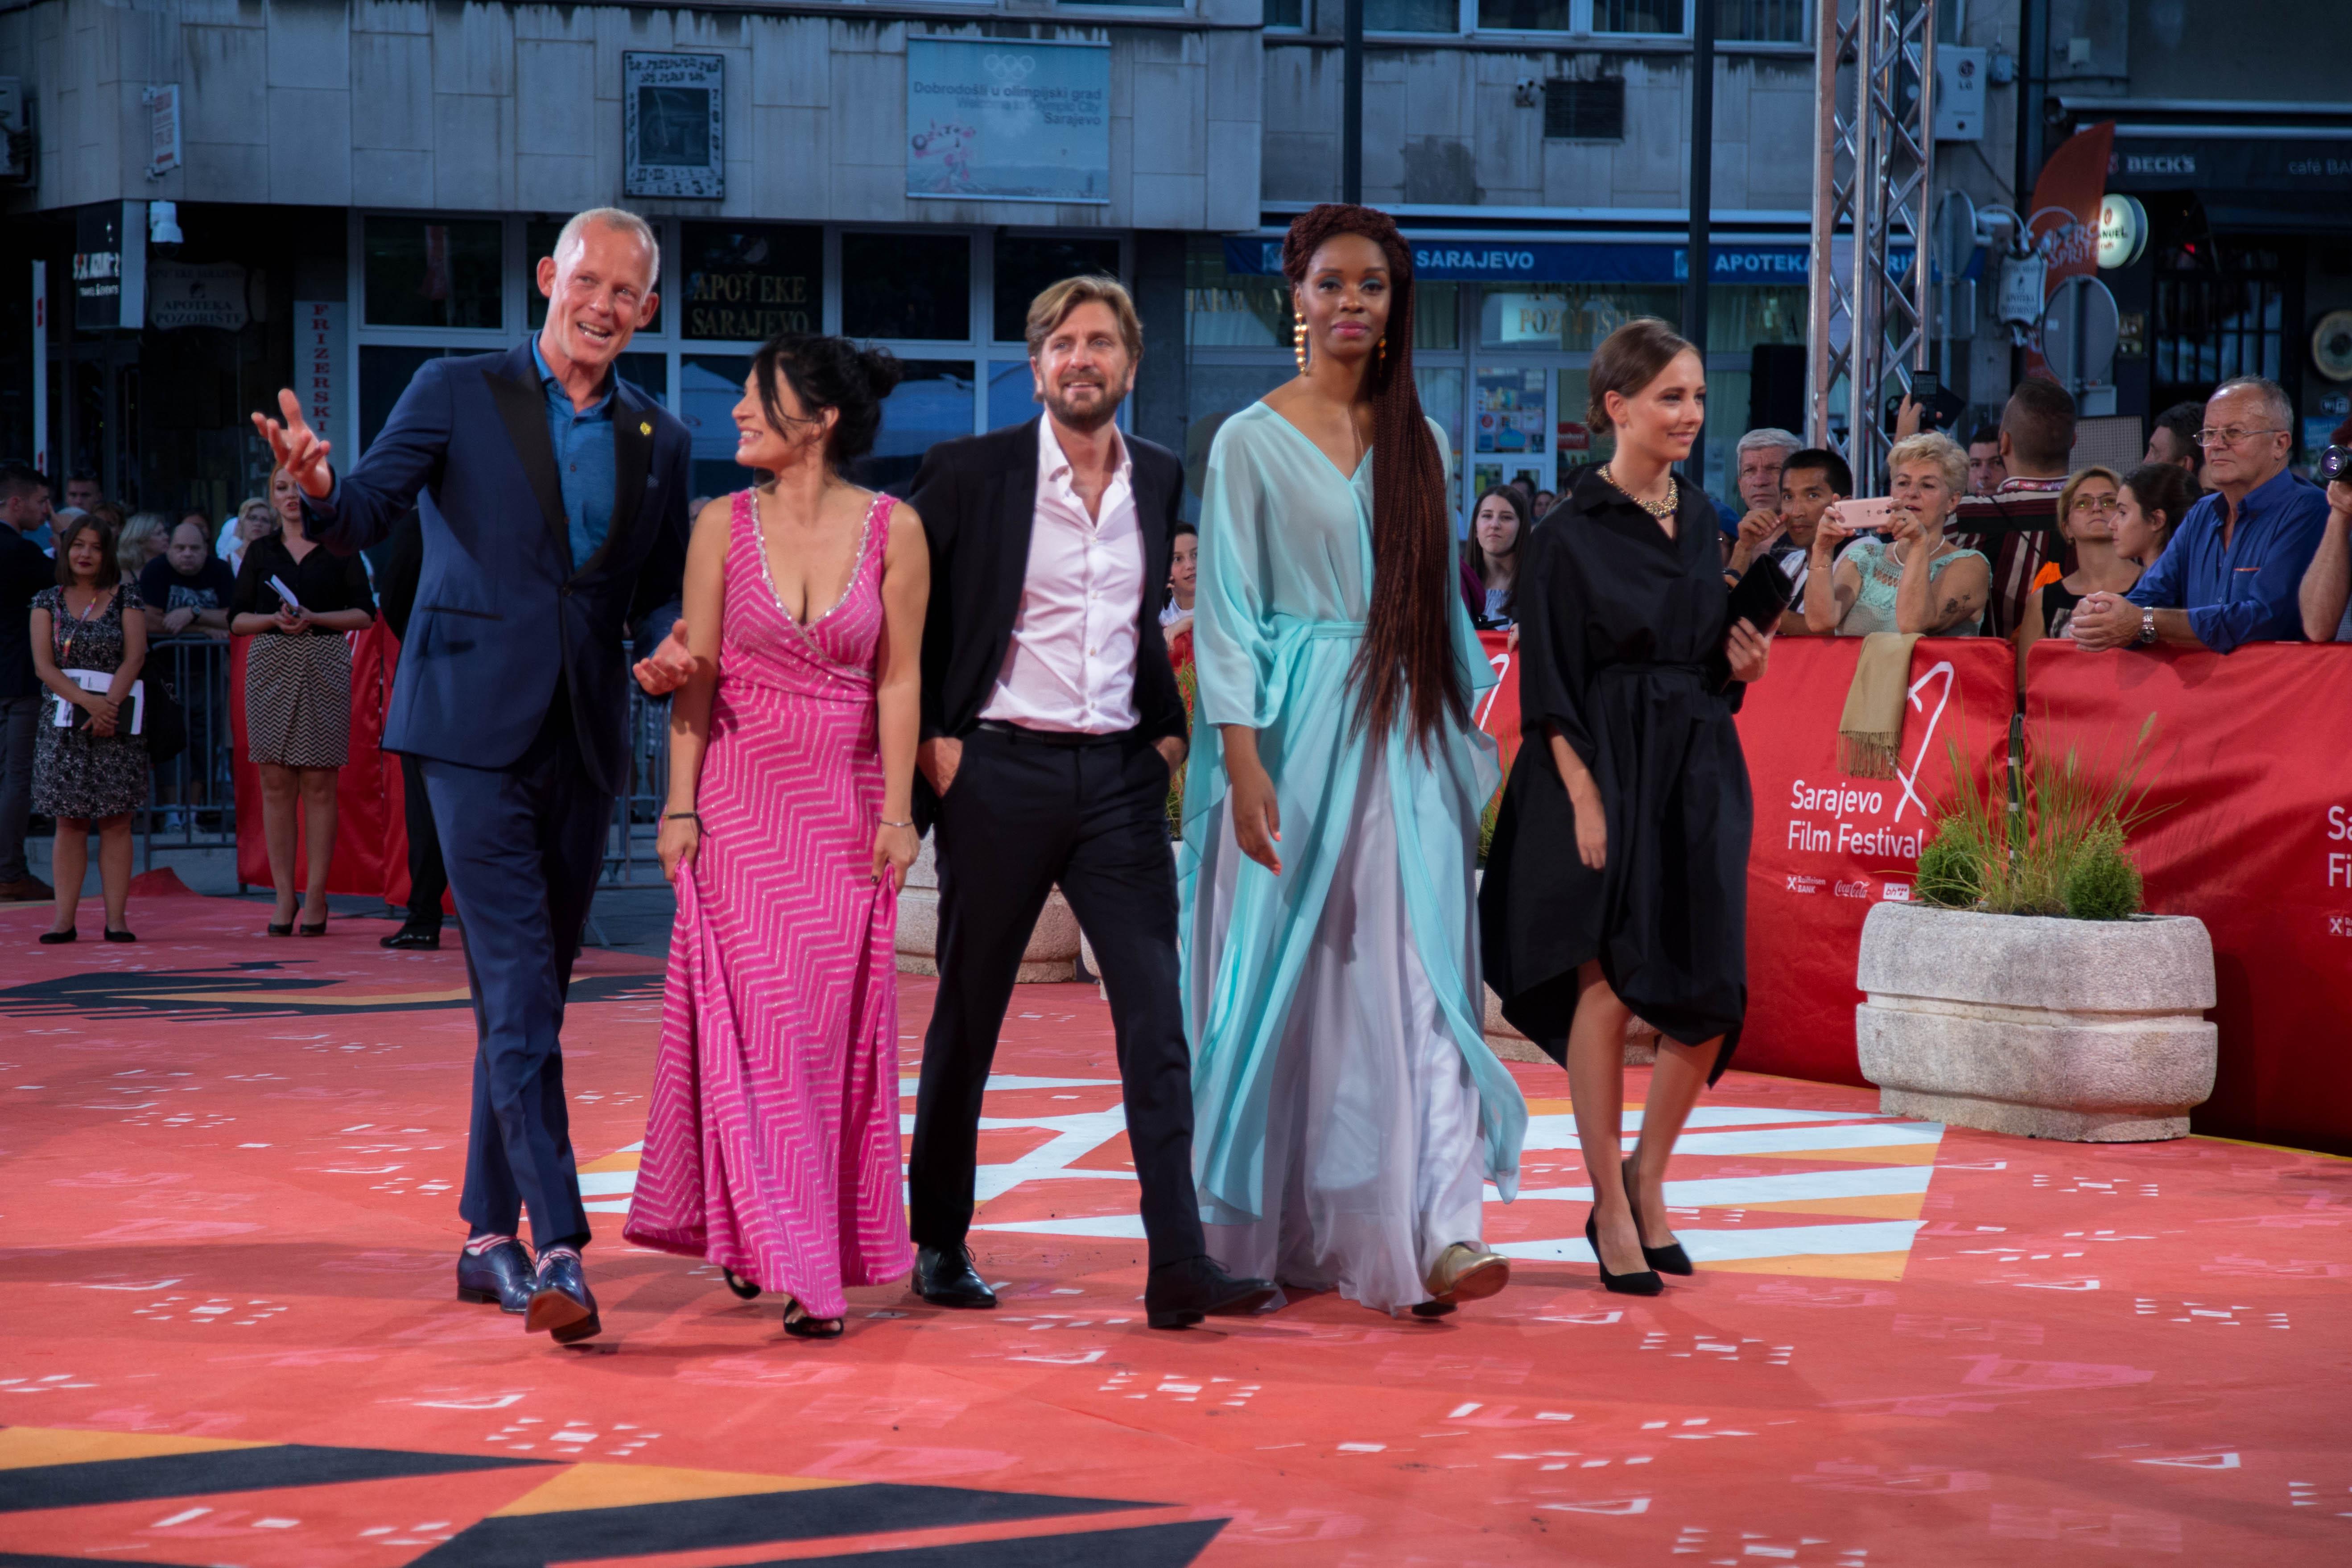 cetvrta noc sarajevo film festival senka catic (19)